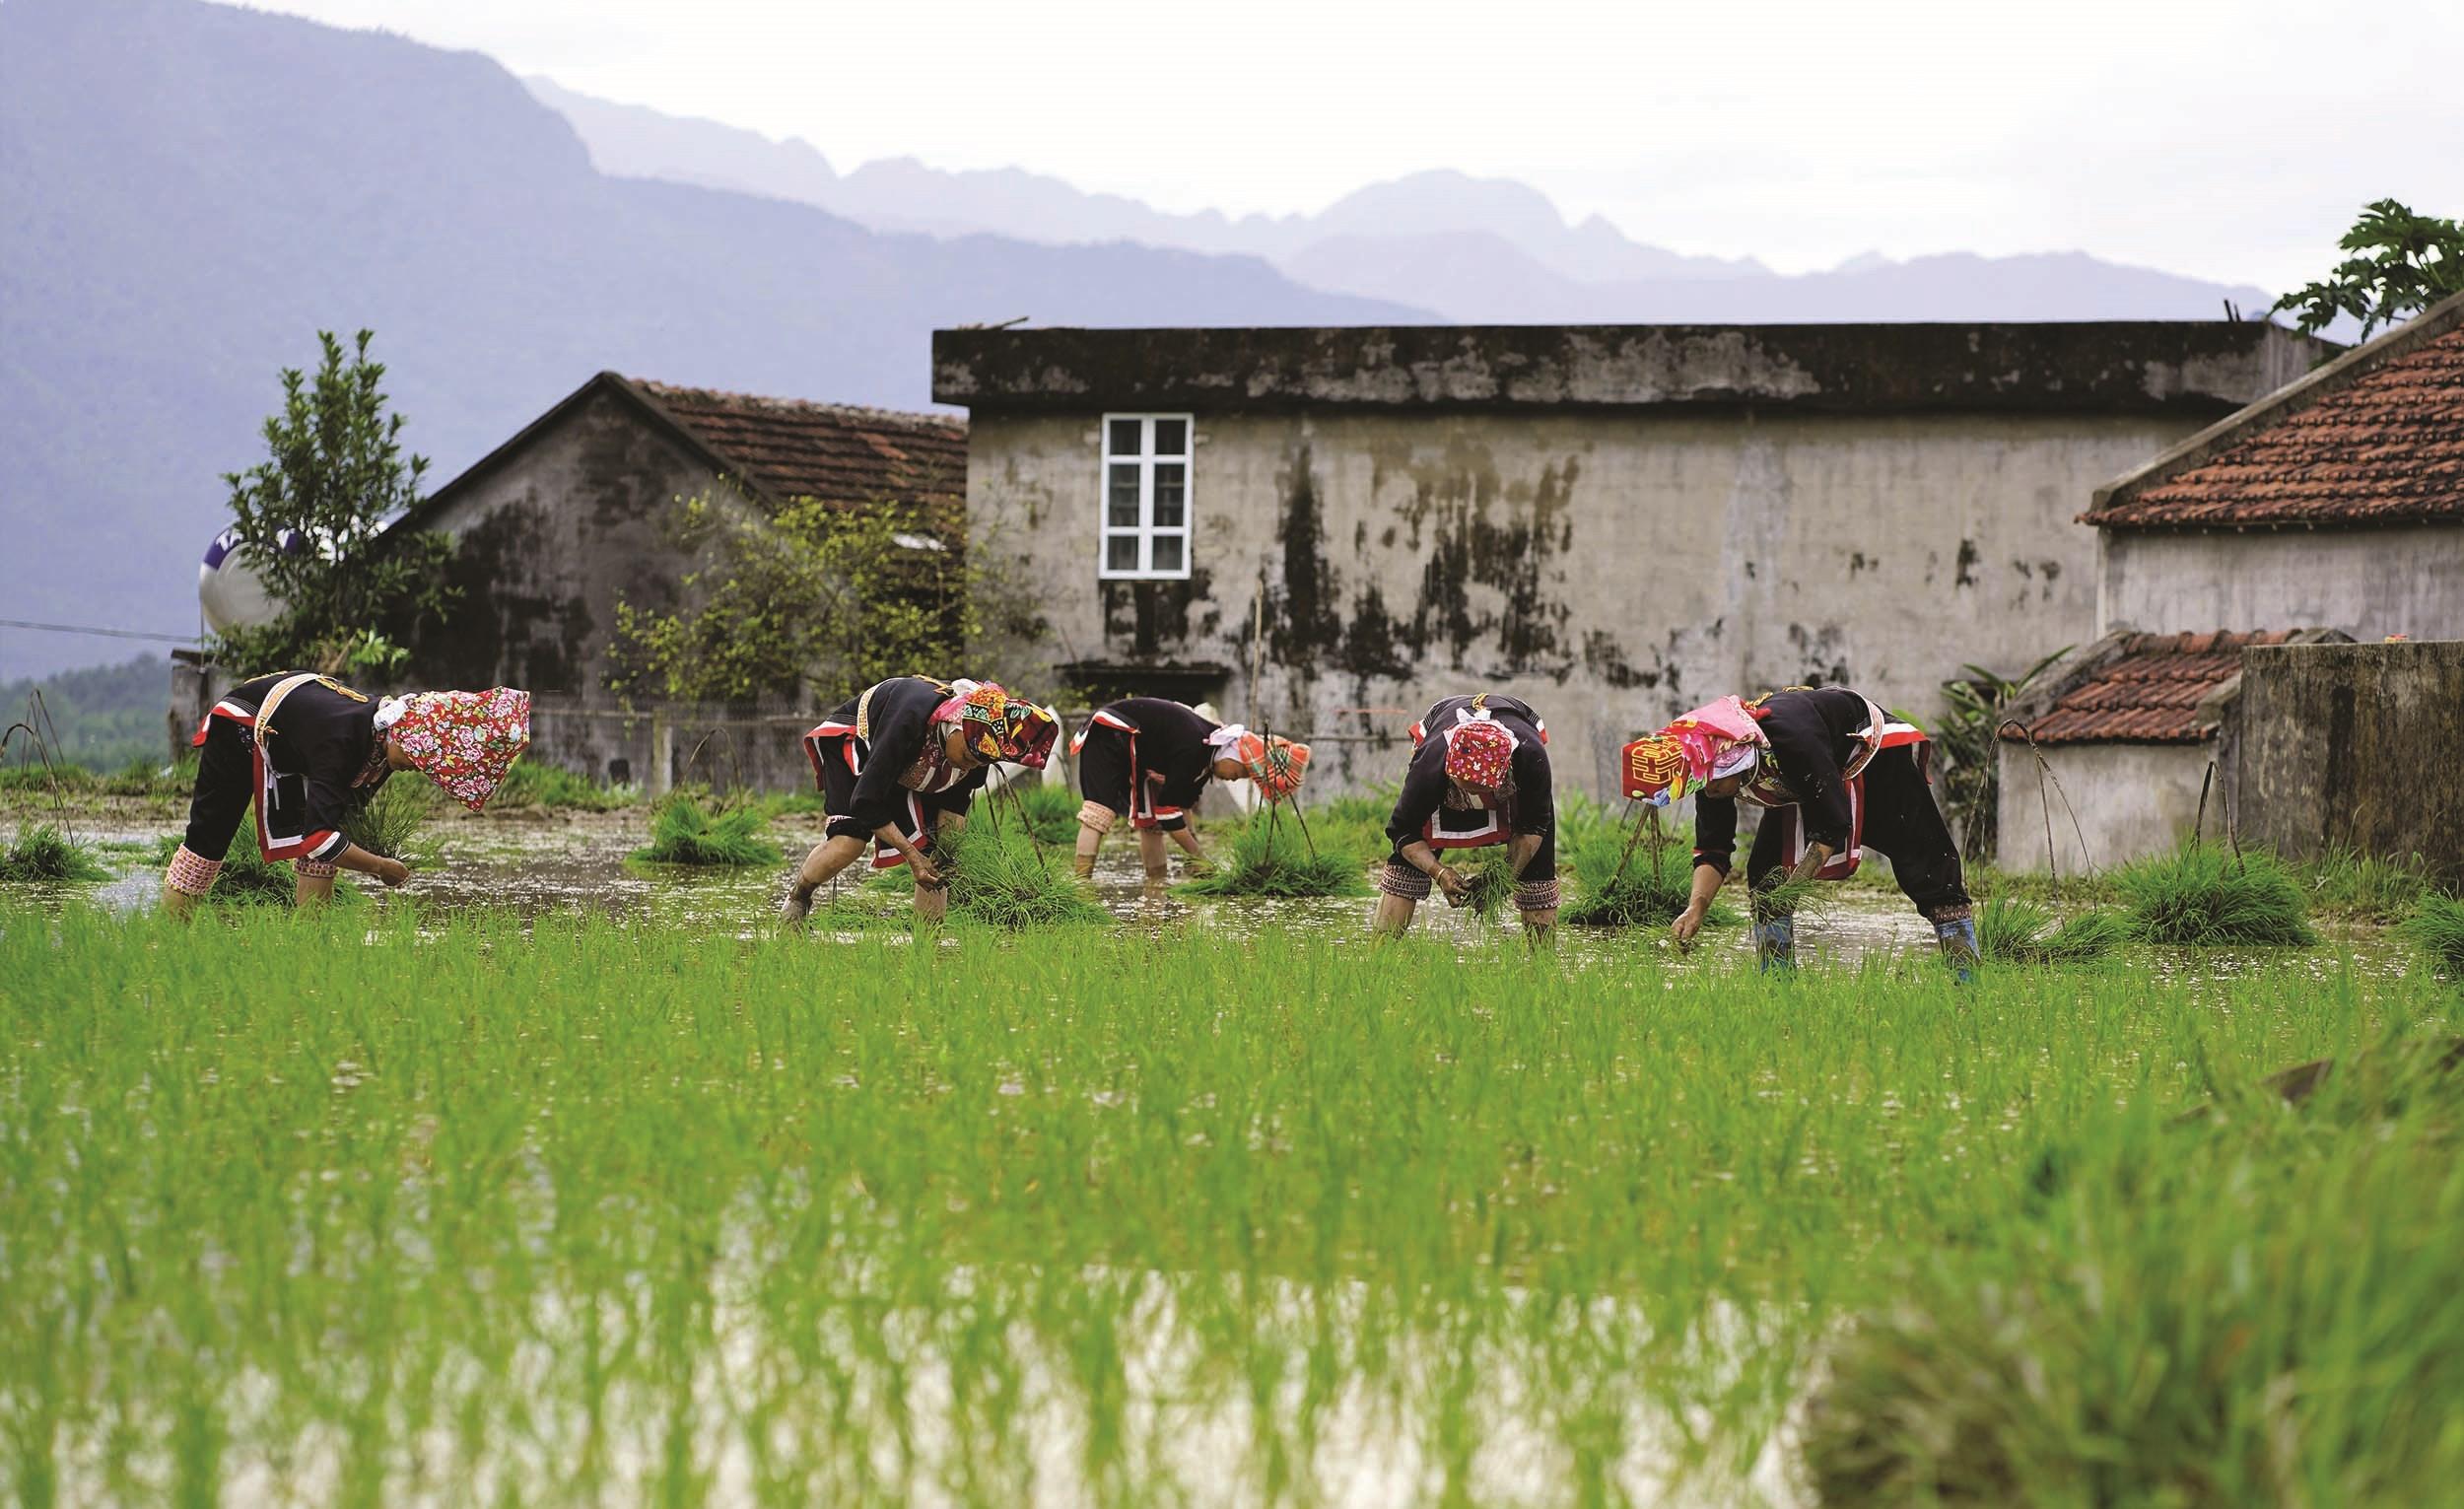 Đồng bào dân tộc Dao, huyện Bình Liêu đang đưa giống lúa mới, năng suất cao vào sản xuất